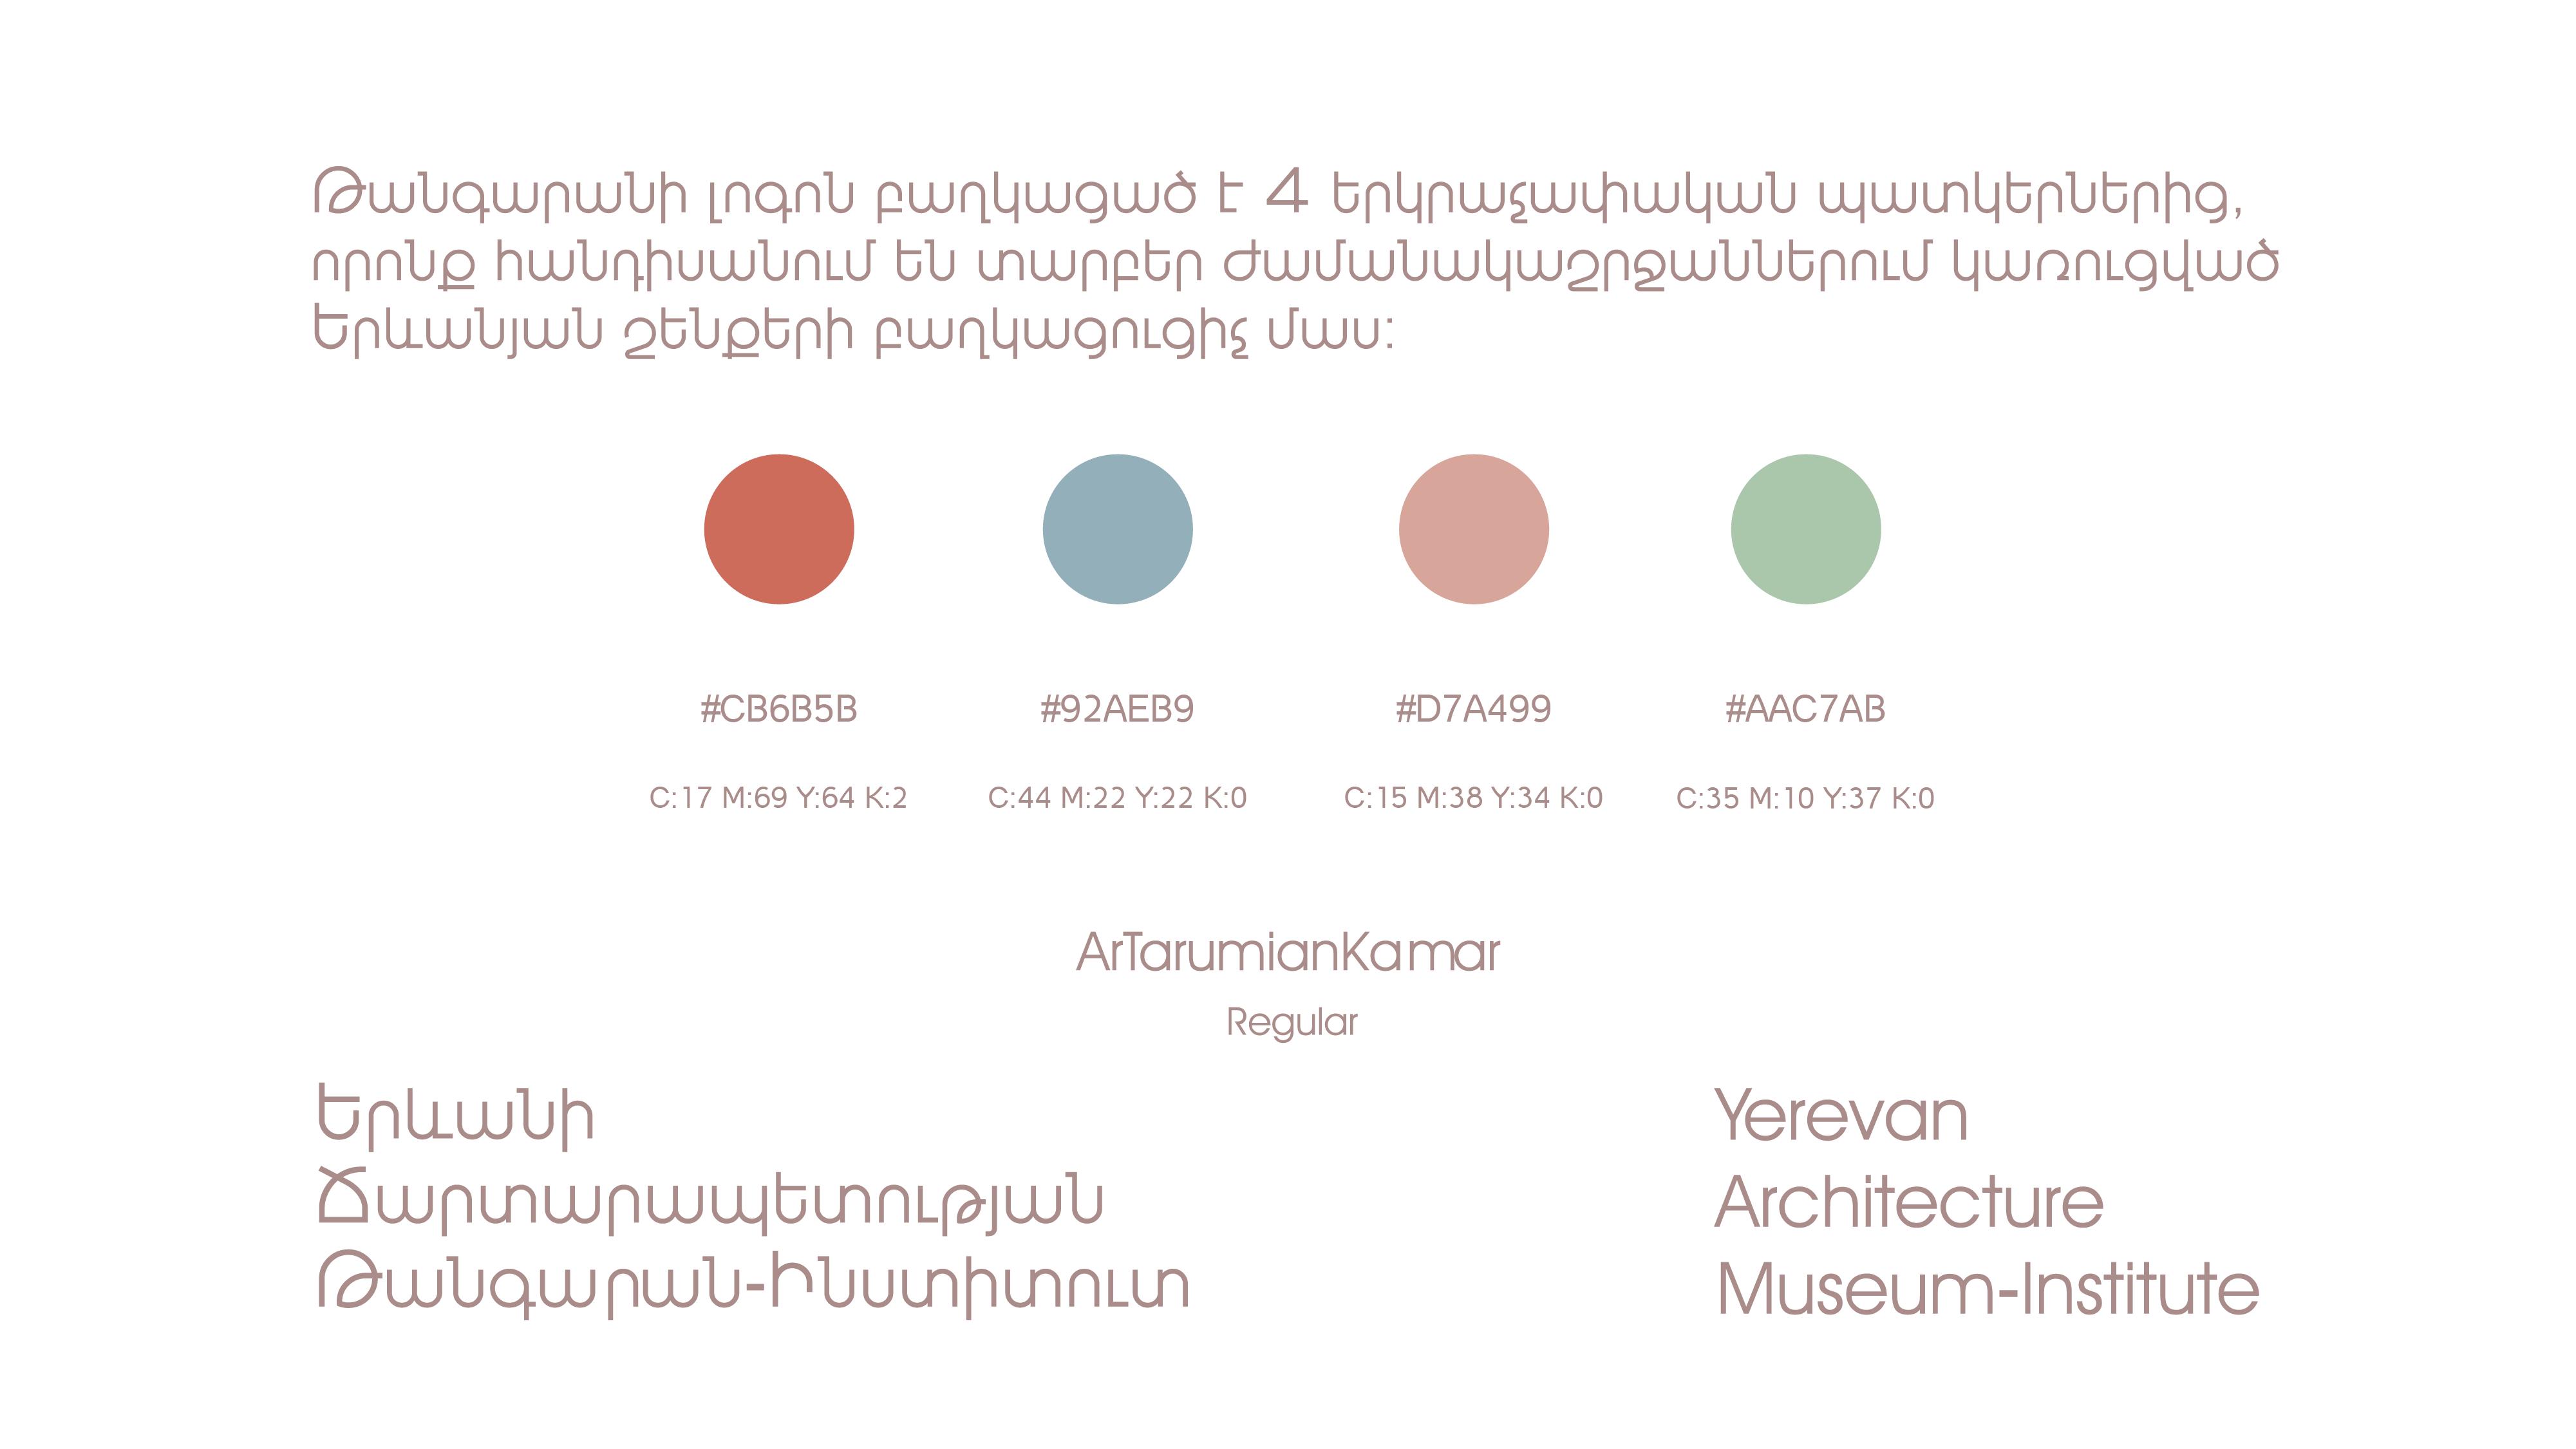 nelly ordyan 03 - Գրաֆիկական դիզայն